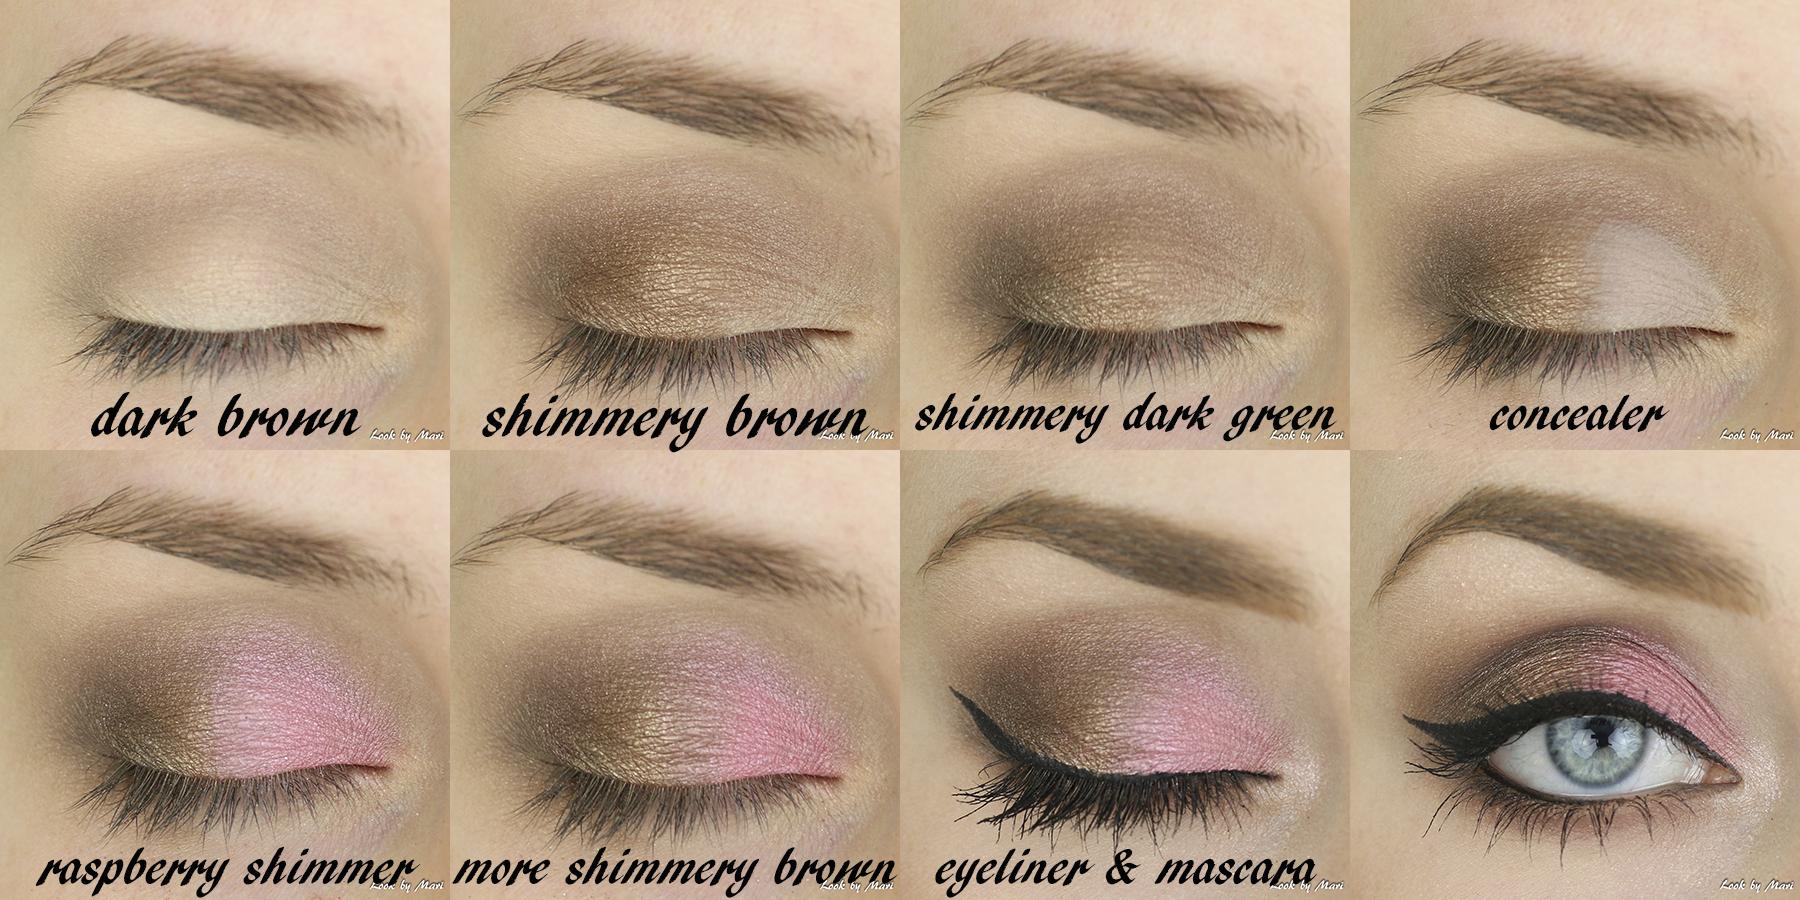 4 maybelline master ink mate waterproof black review kokemuksia pop of color eye makeup ideas look tutorial